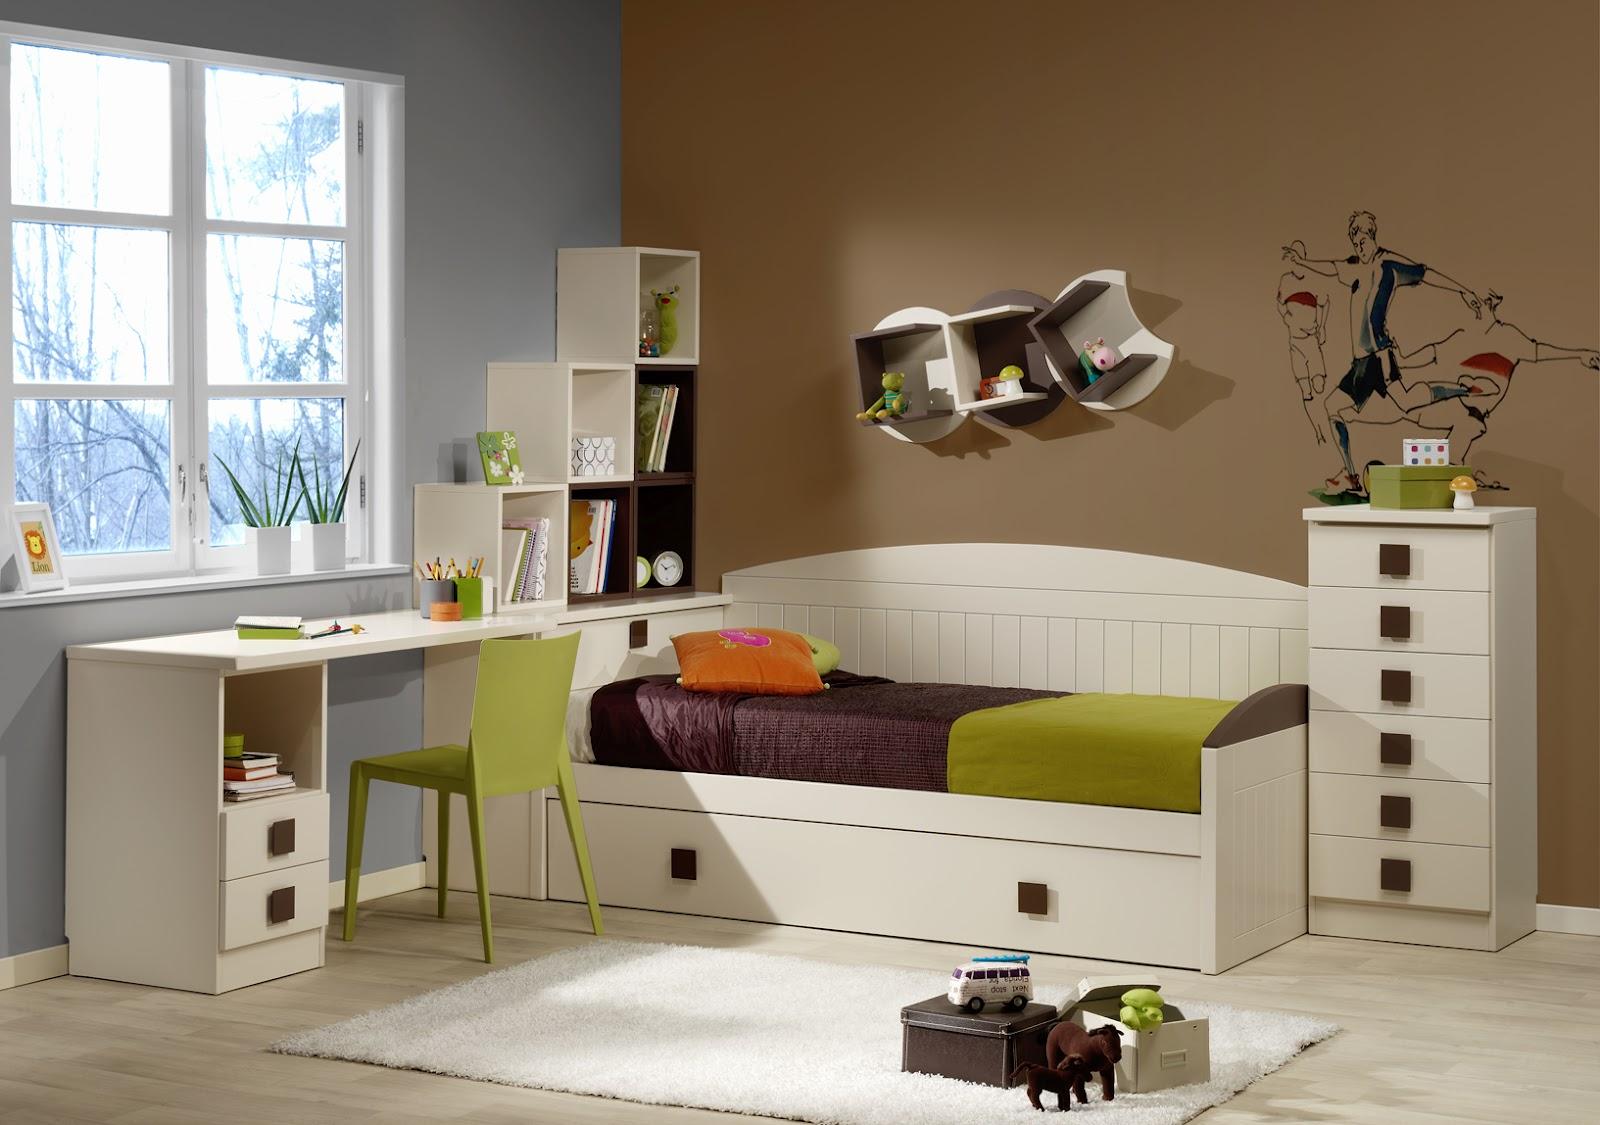 Dormitorios habitaciones juveniles e infantiles lacadas for Cama nido dormitorio juvenil